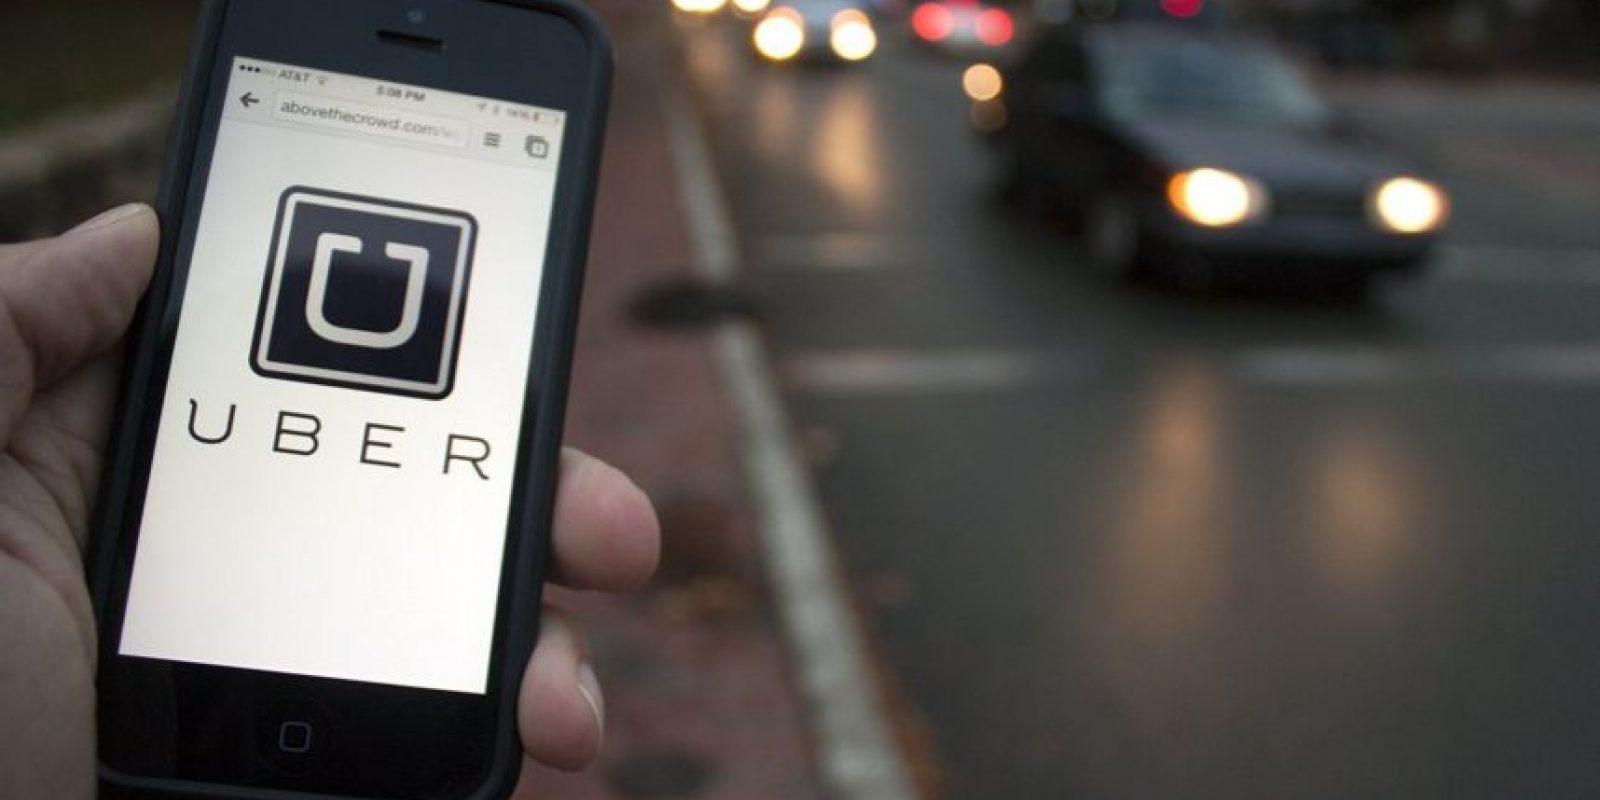 El autor de los tiroteos trabajó como chofer del servicio Uber. Foto:Twitter